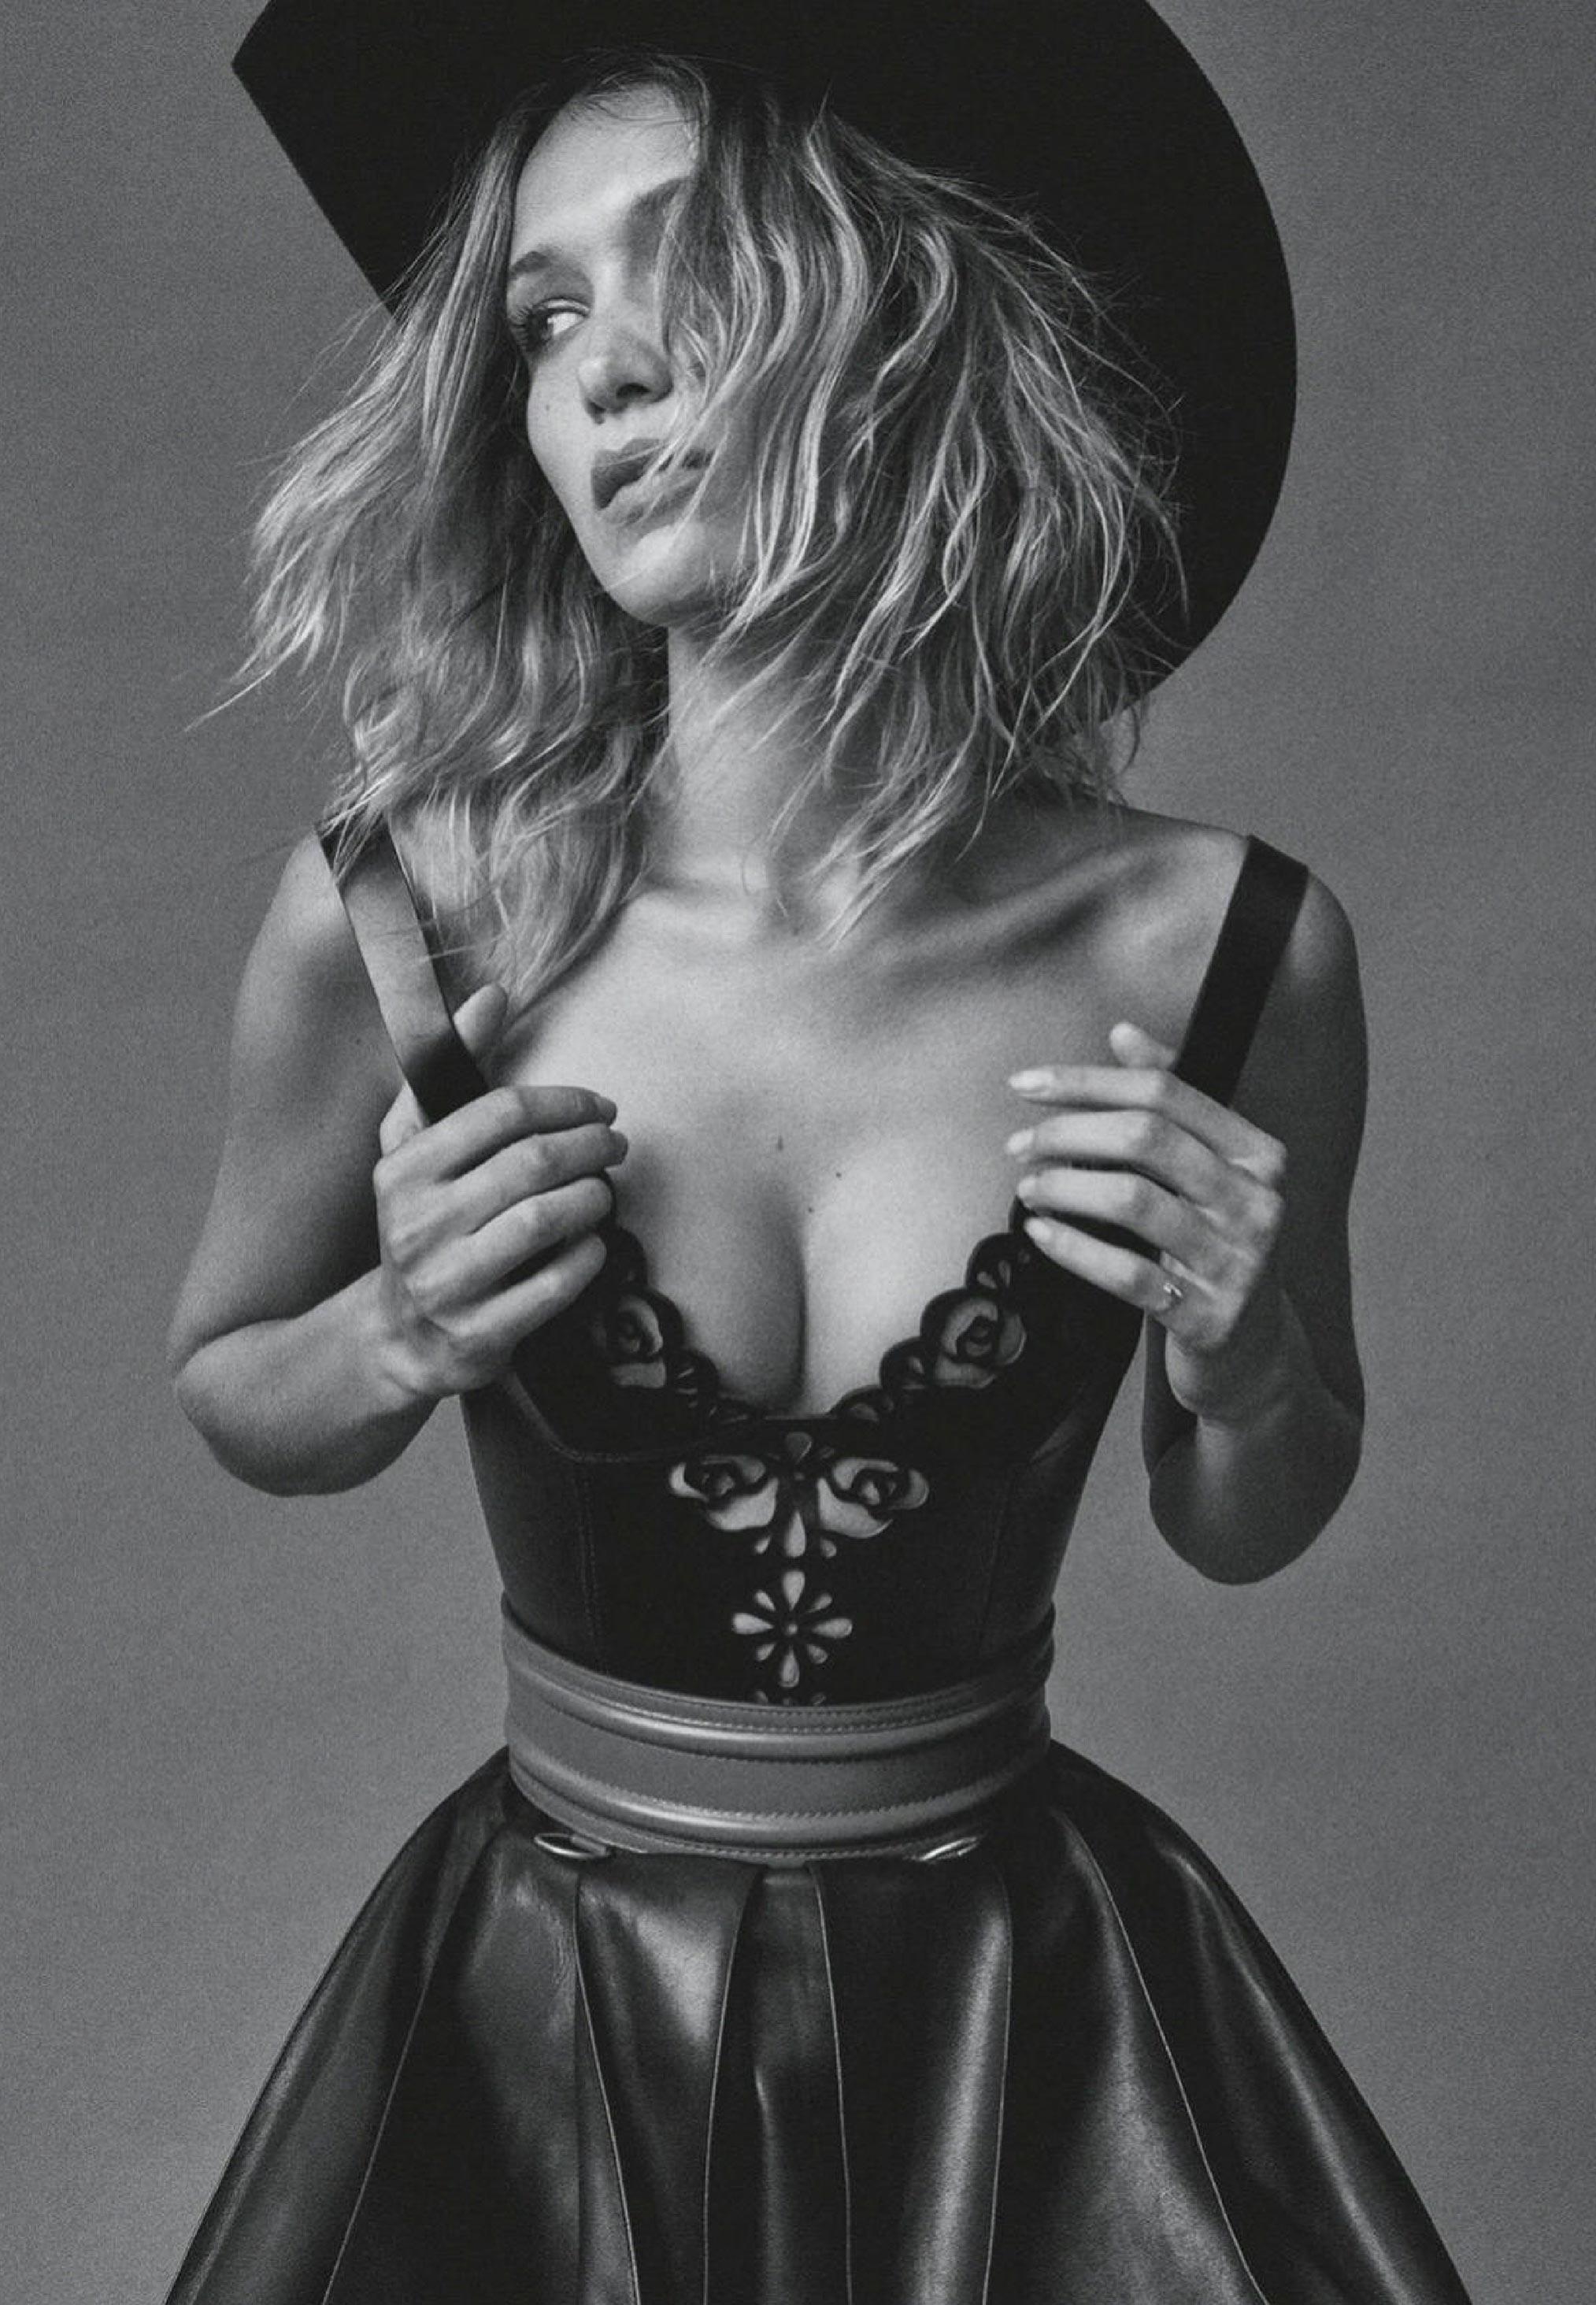 Сексуальный ковбой Белла Хадид, фотограф Дэниэл Джексон / фото 10